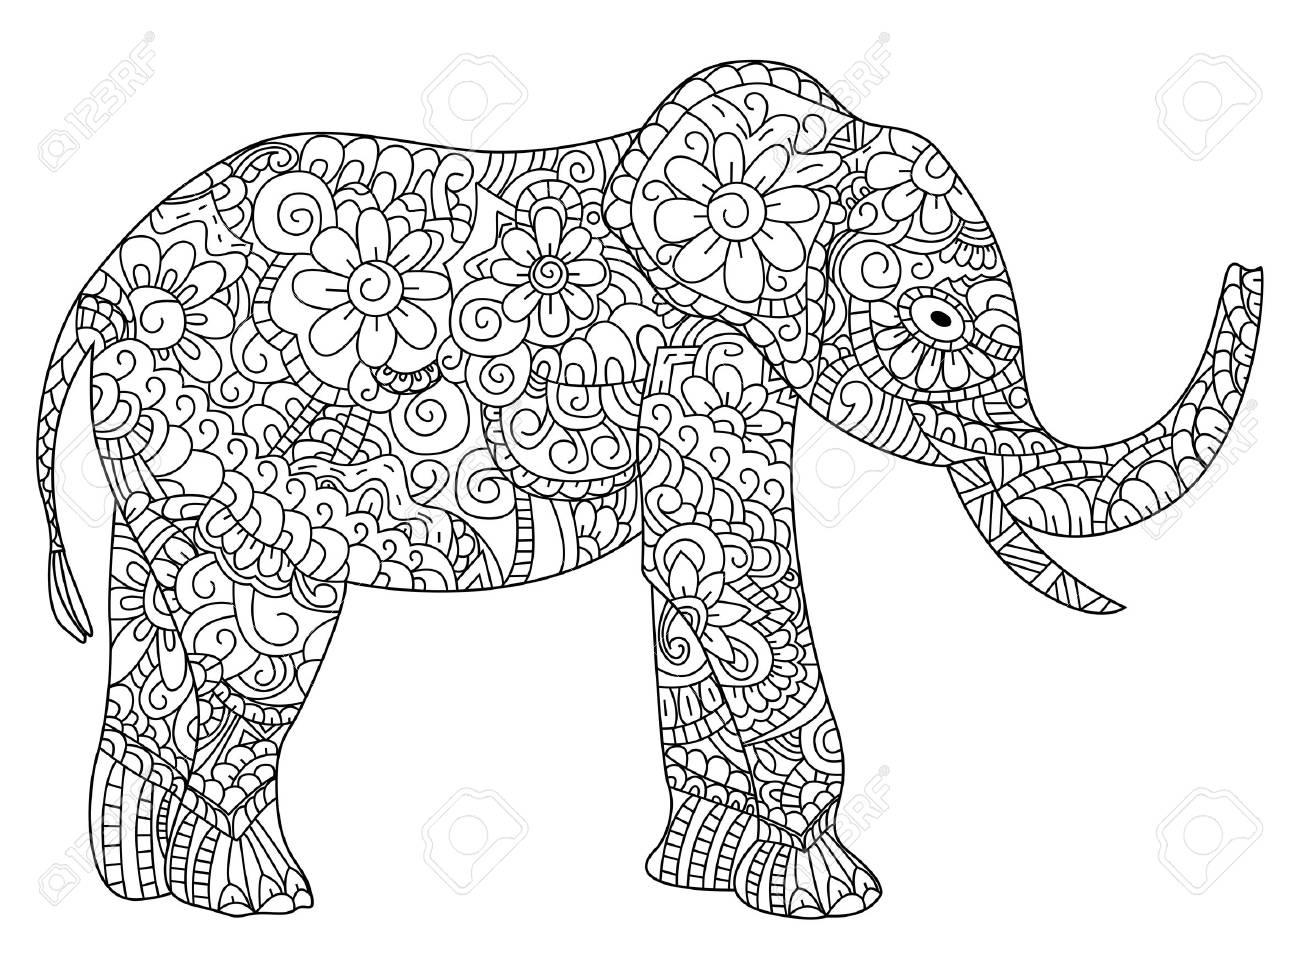 Coloriage Elephant Pour Adulte.Livre De Coloriage Animal Elephant Pour L Illustration Des Adultes